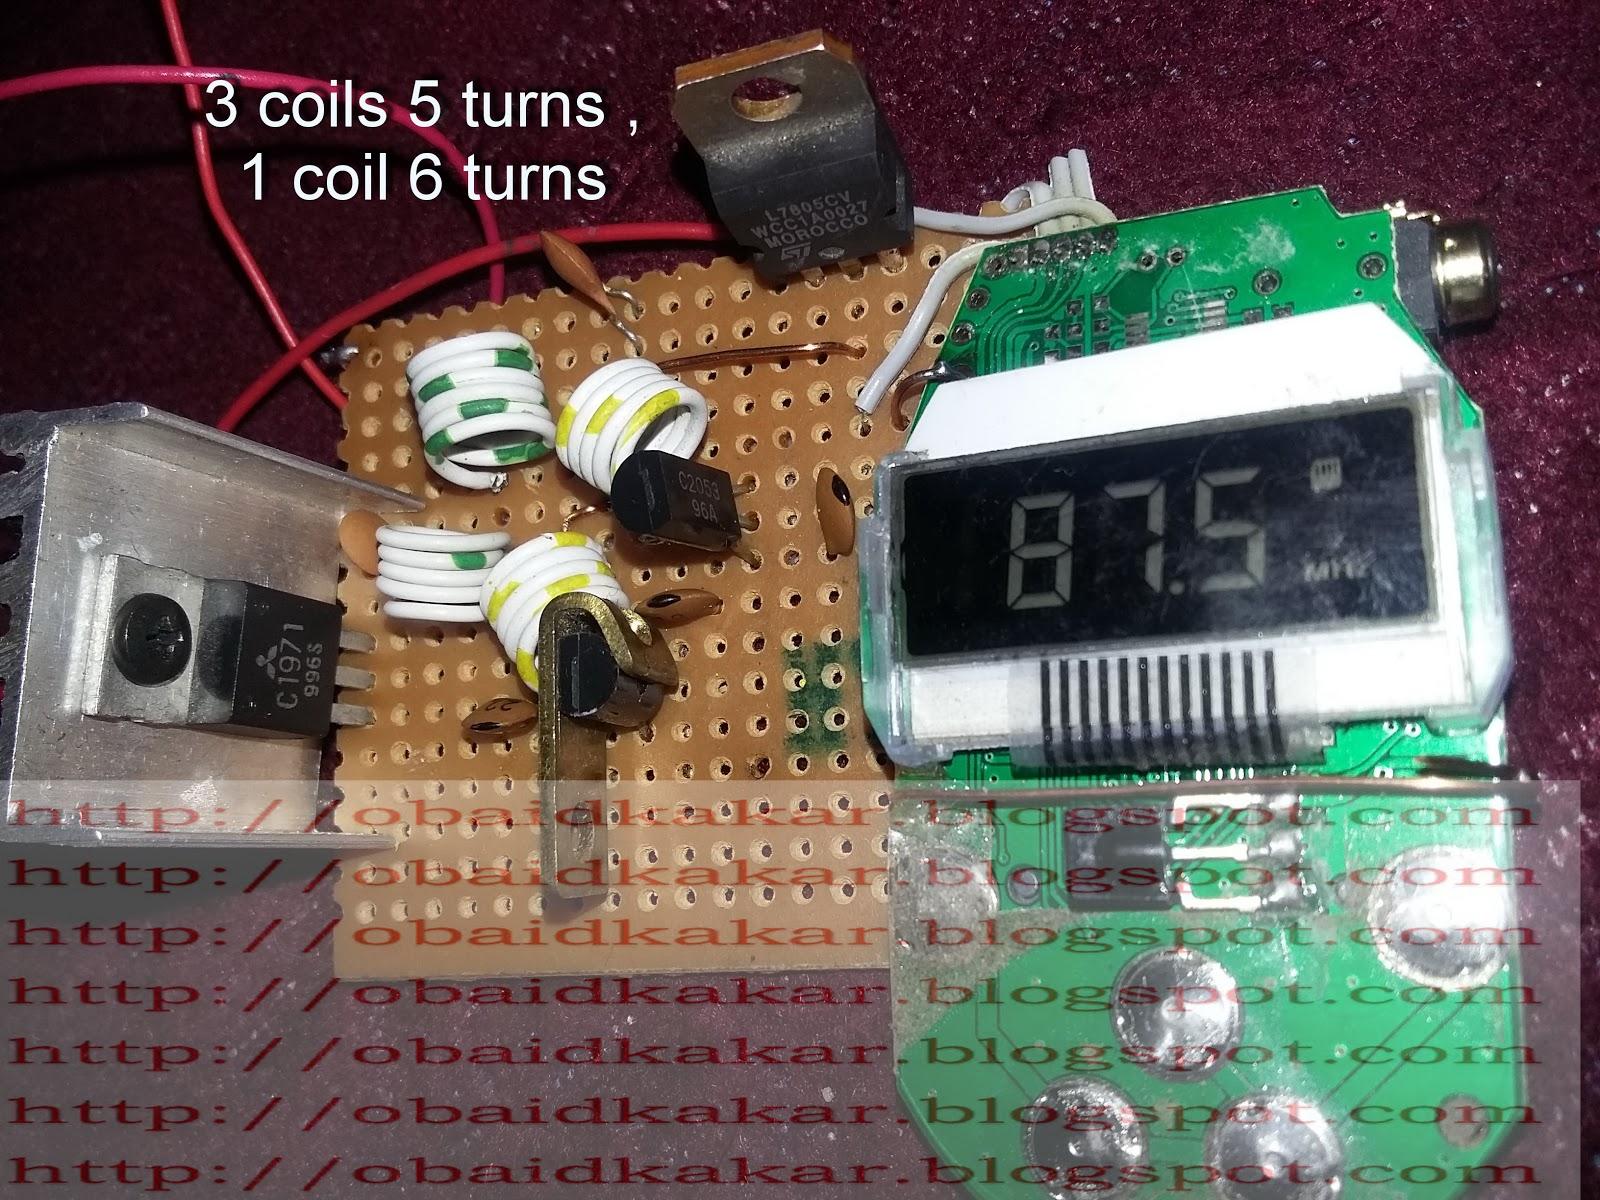 Ksf Electronics Fm Transmitter 6 Watts Mhz Circuit Good Basic Low Power Kit